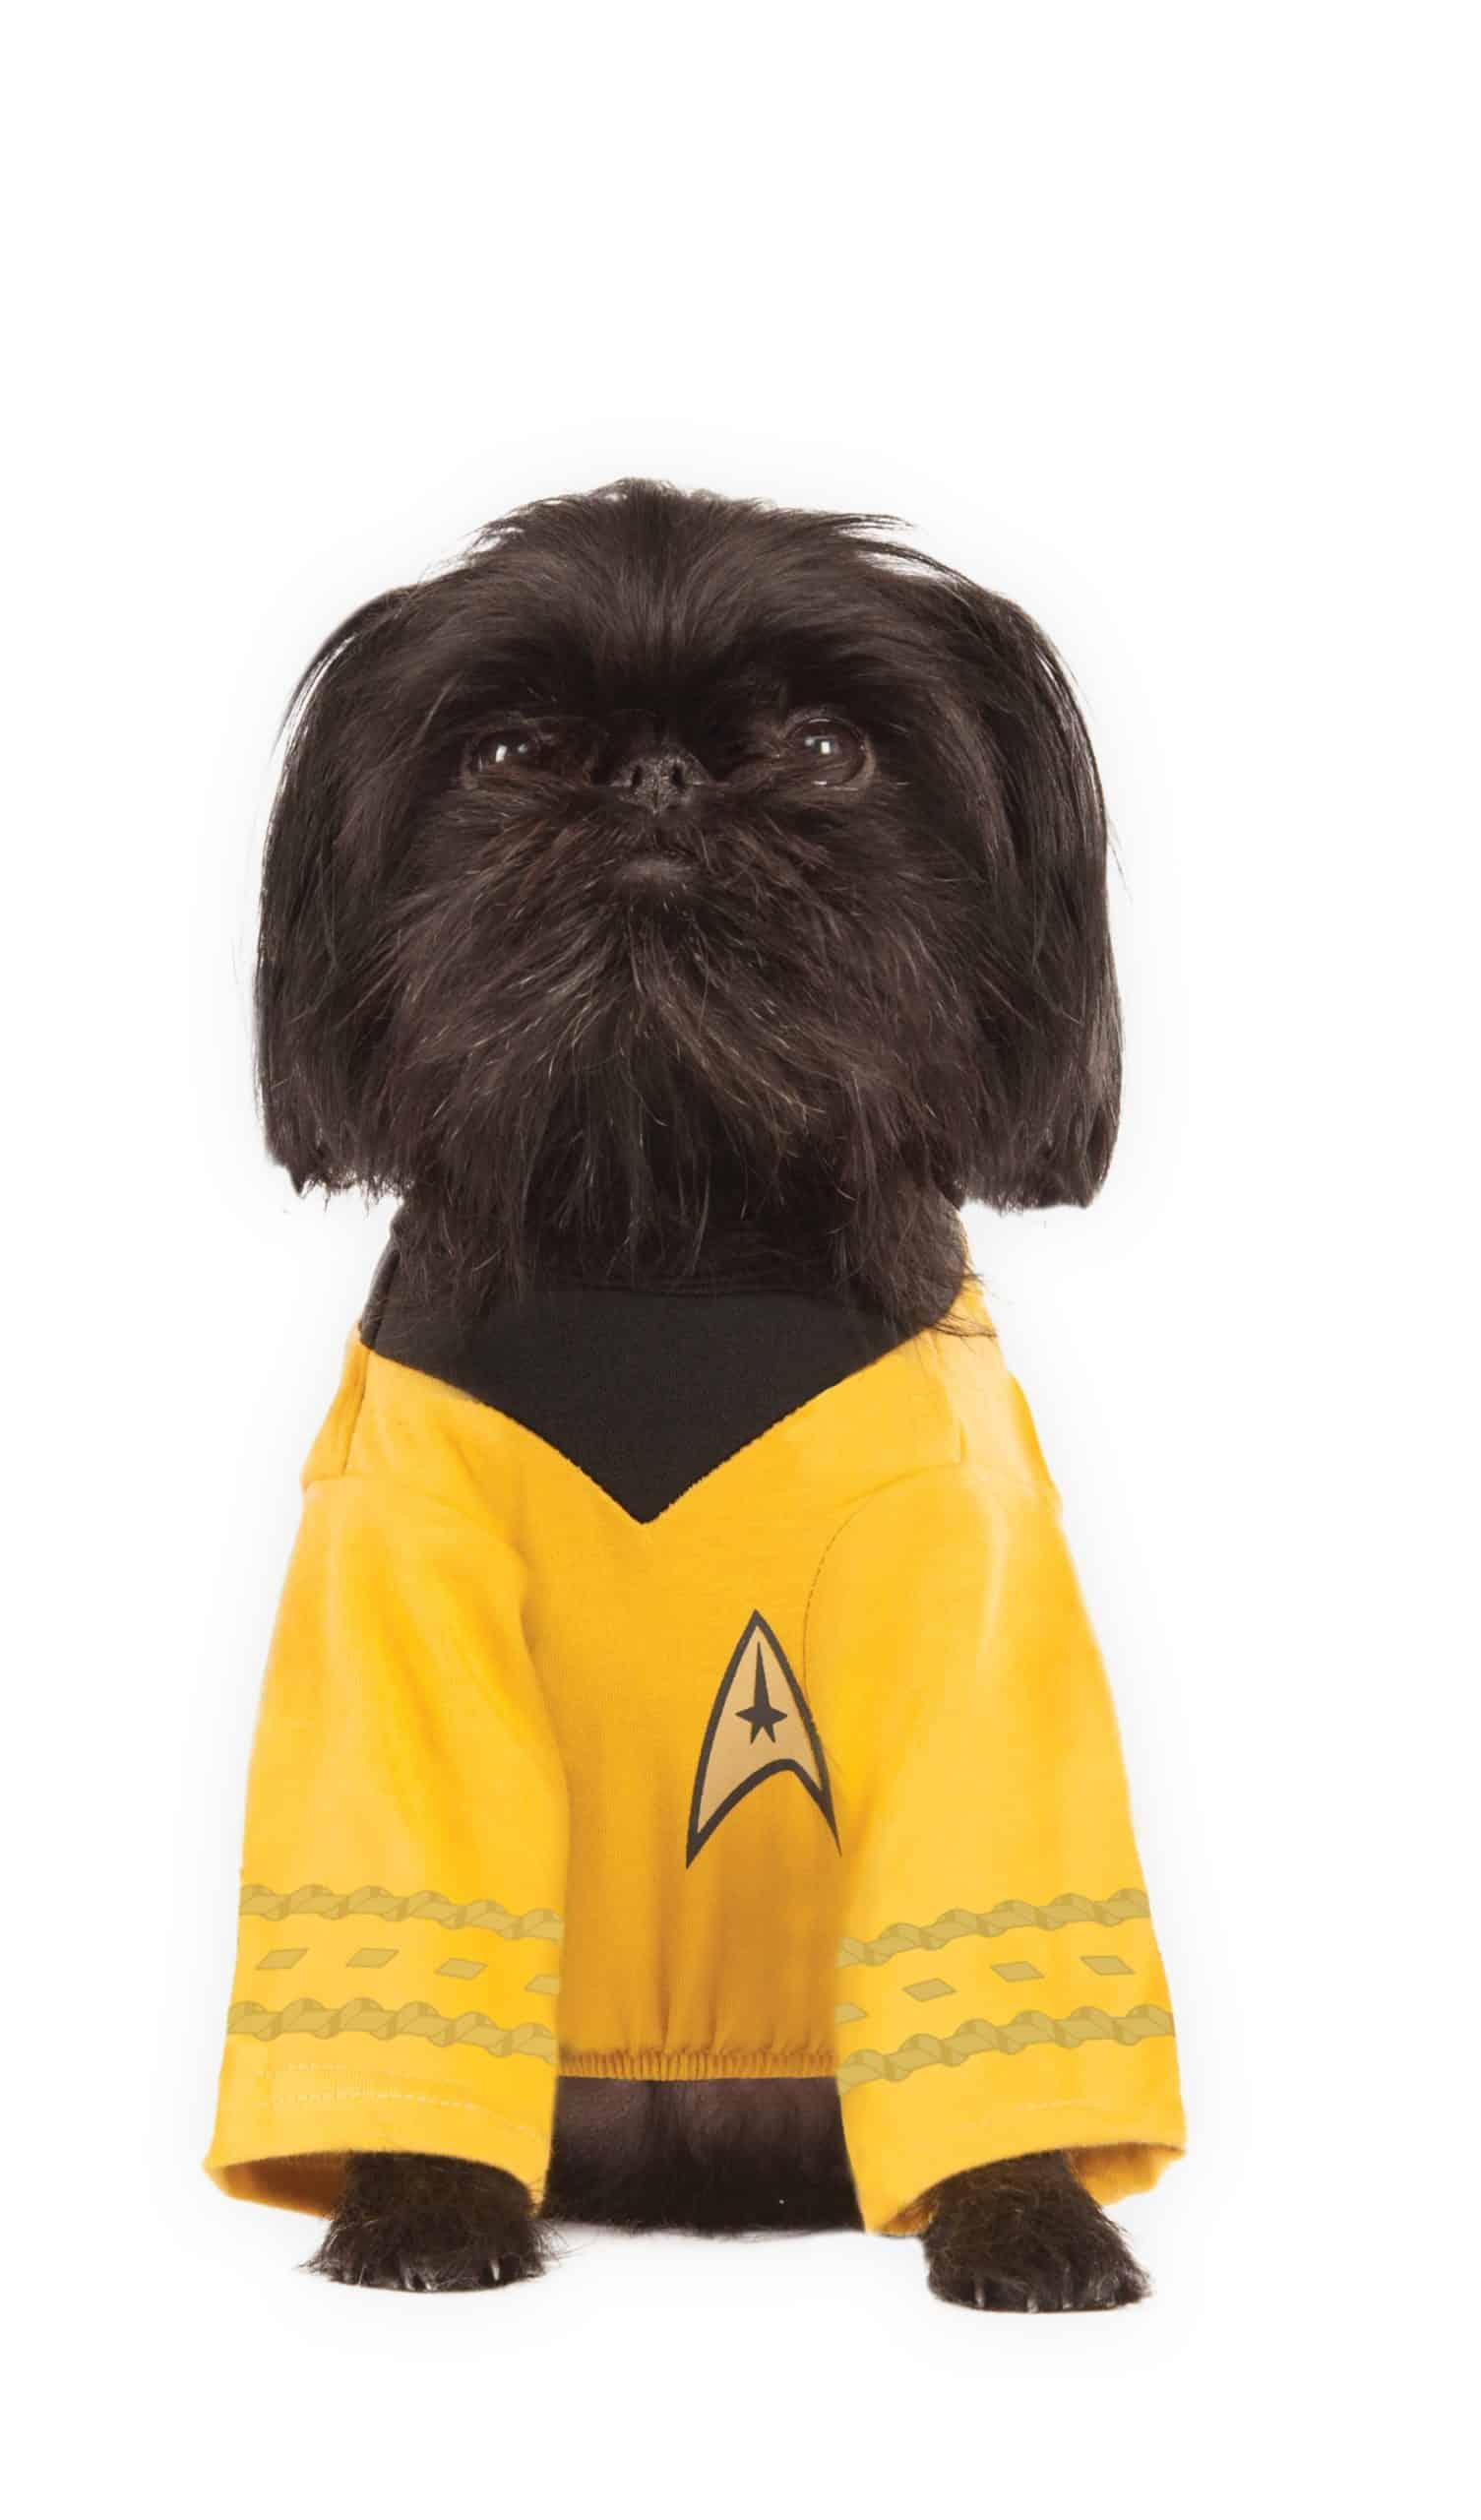 Star Trek Captain Kirk Dog Costume